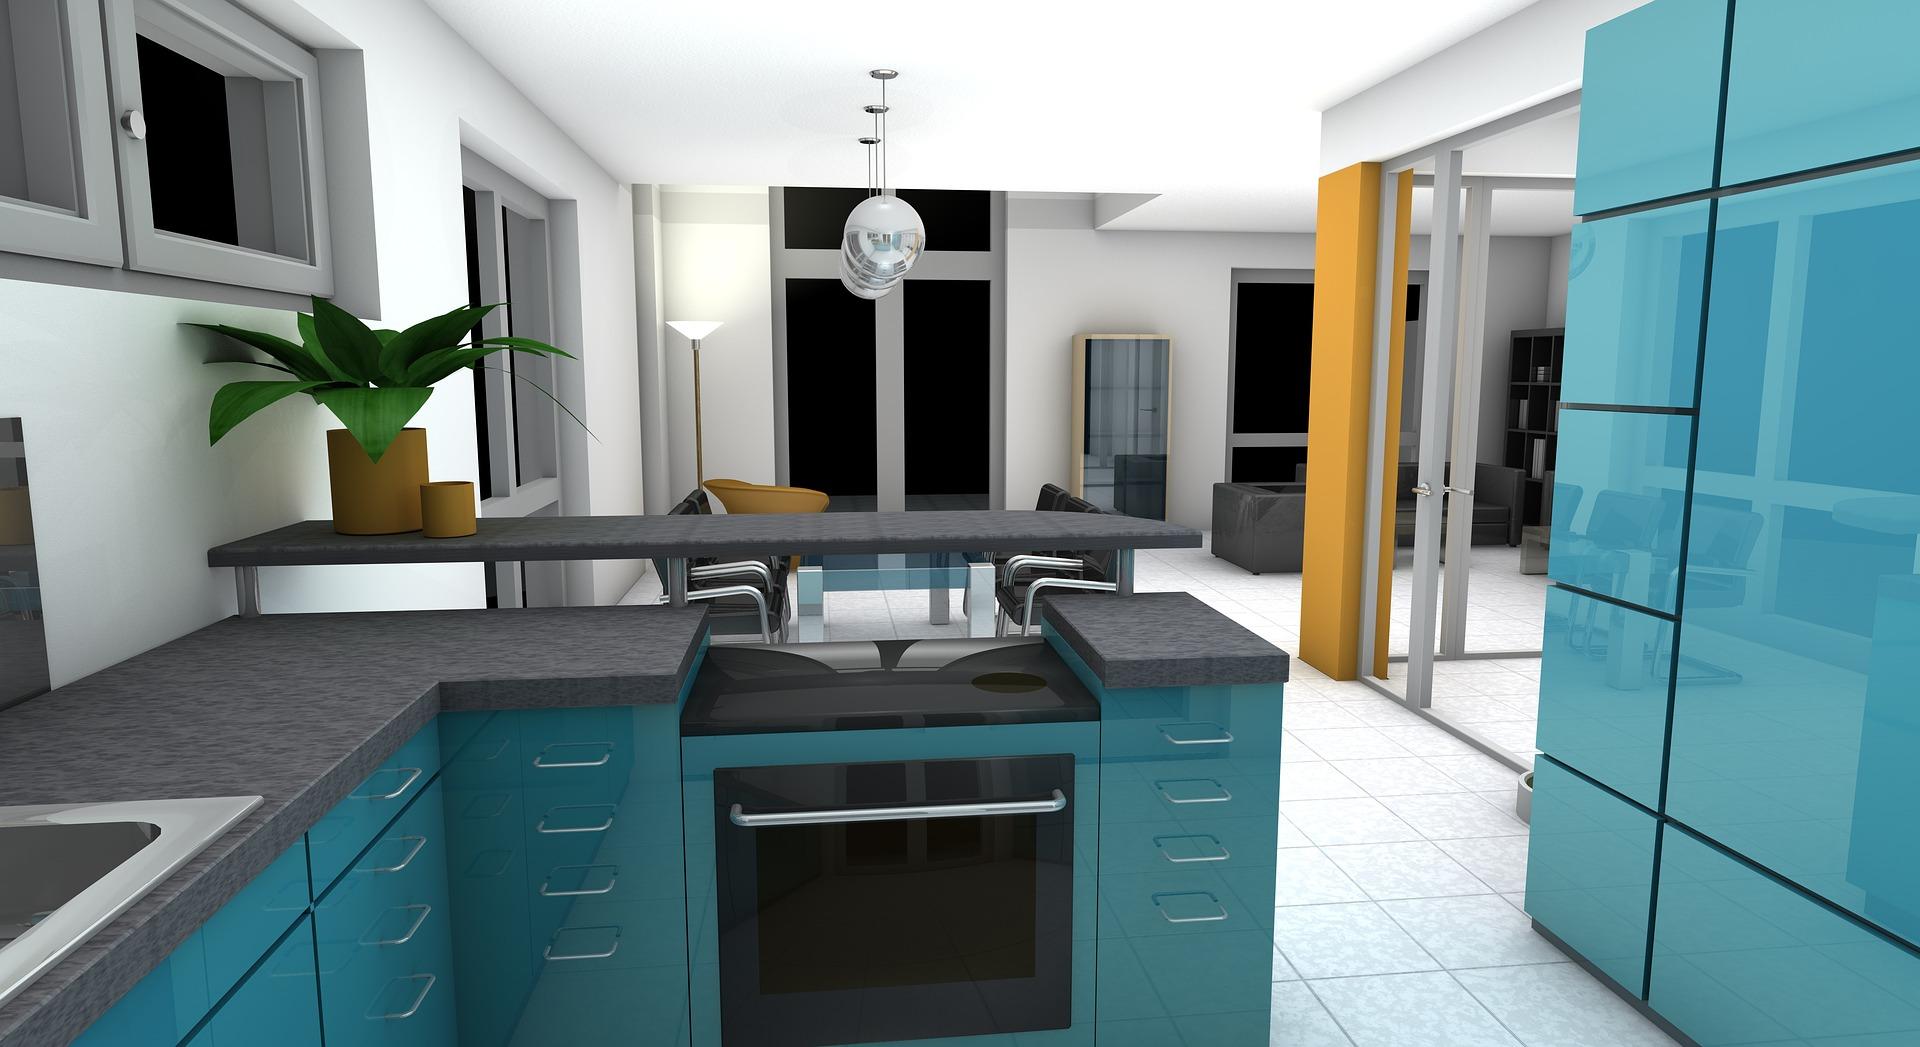 Comment mettre en location une maison ou un appartement ? - Immovons ...